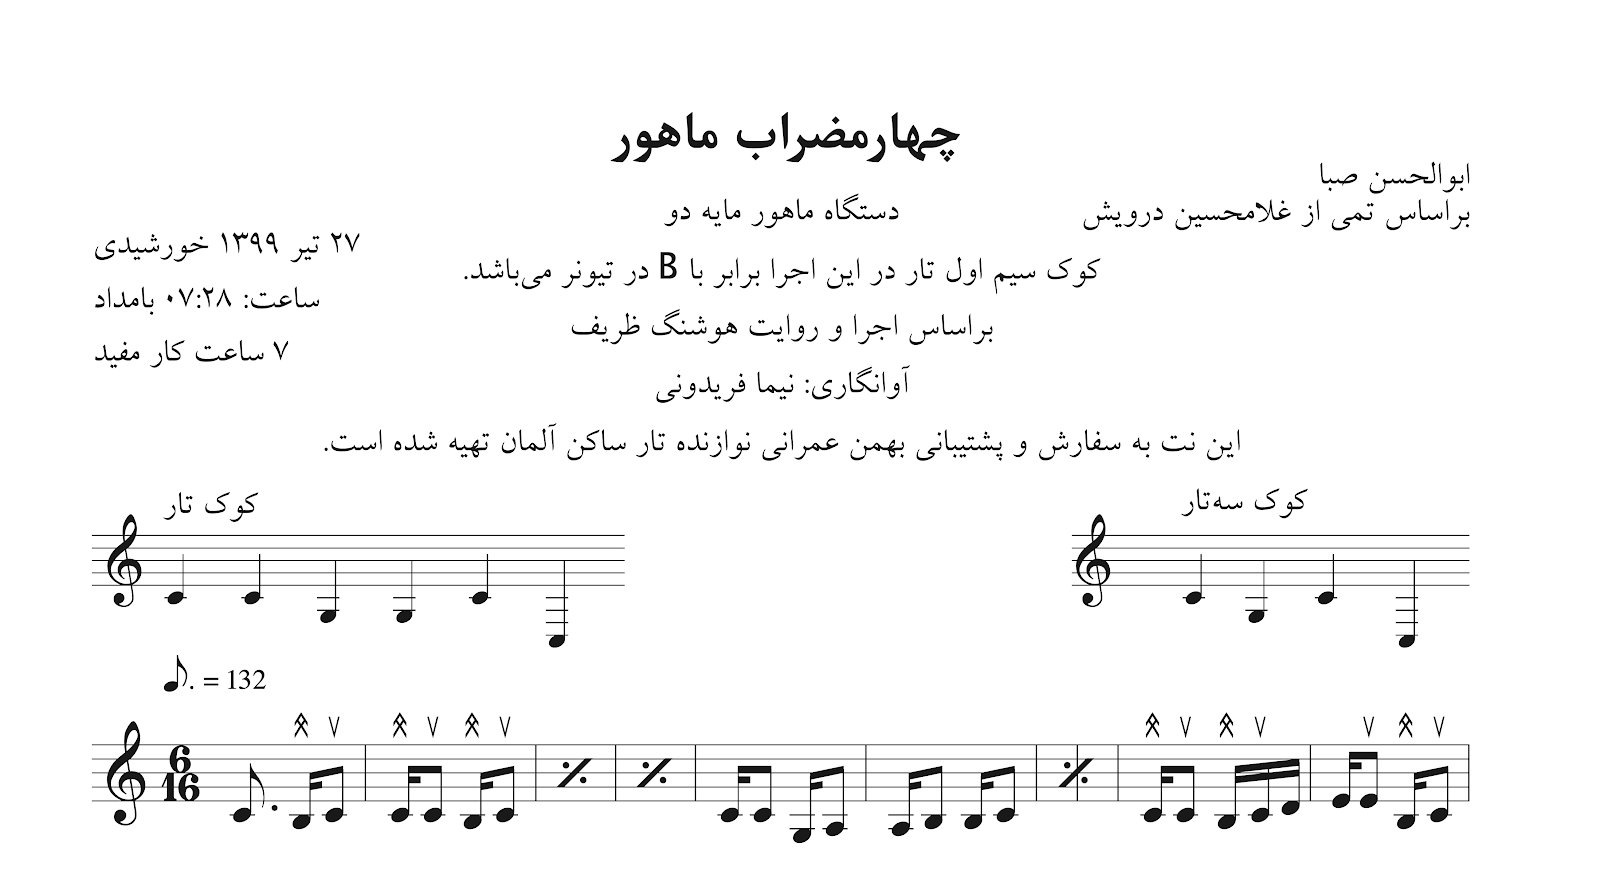 نت چهارمضراب ماهور غلامحسین درویشخان (ساده و با حاشیهنگاری نیما فریدونی)